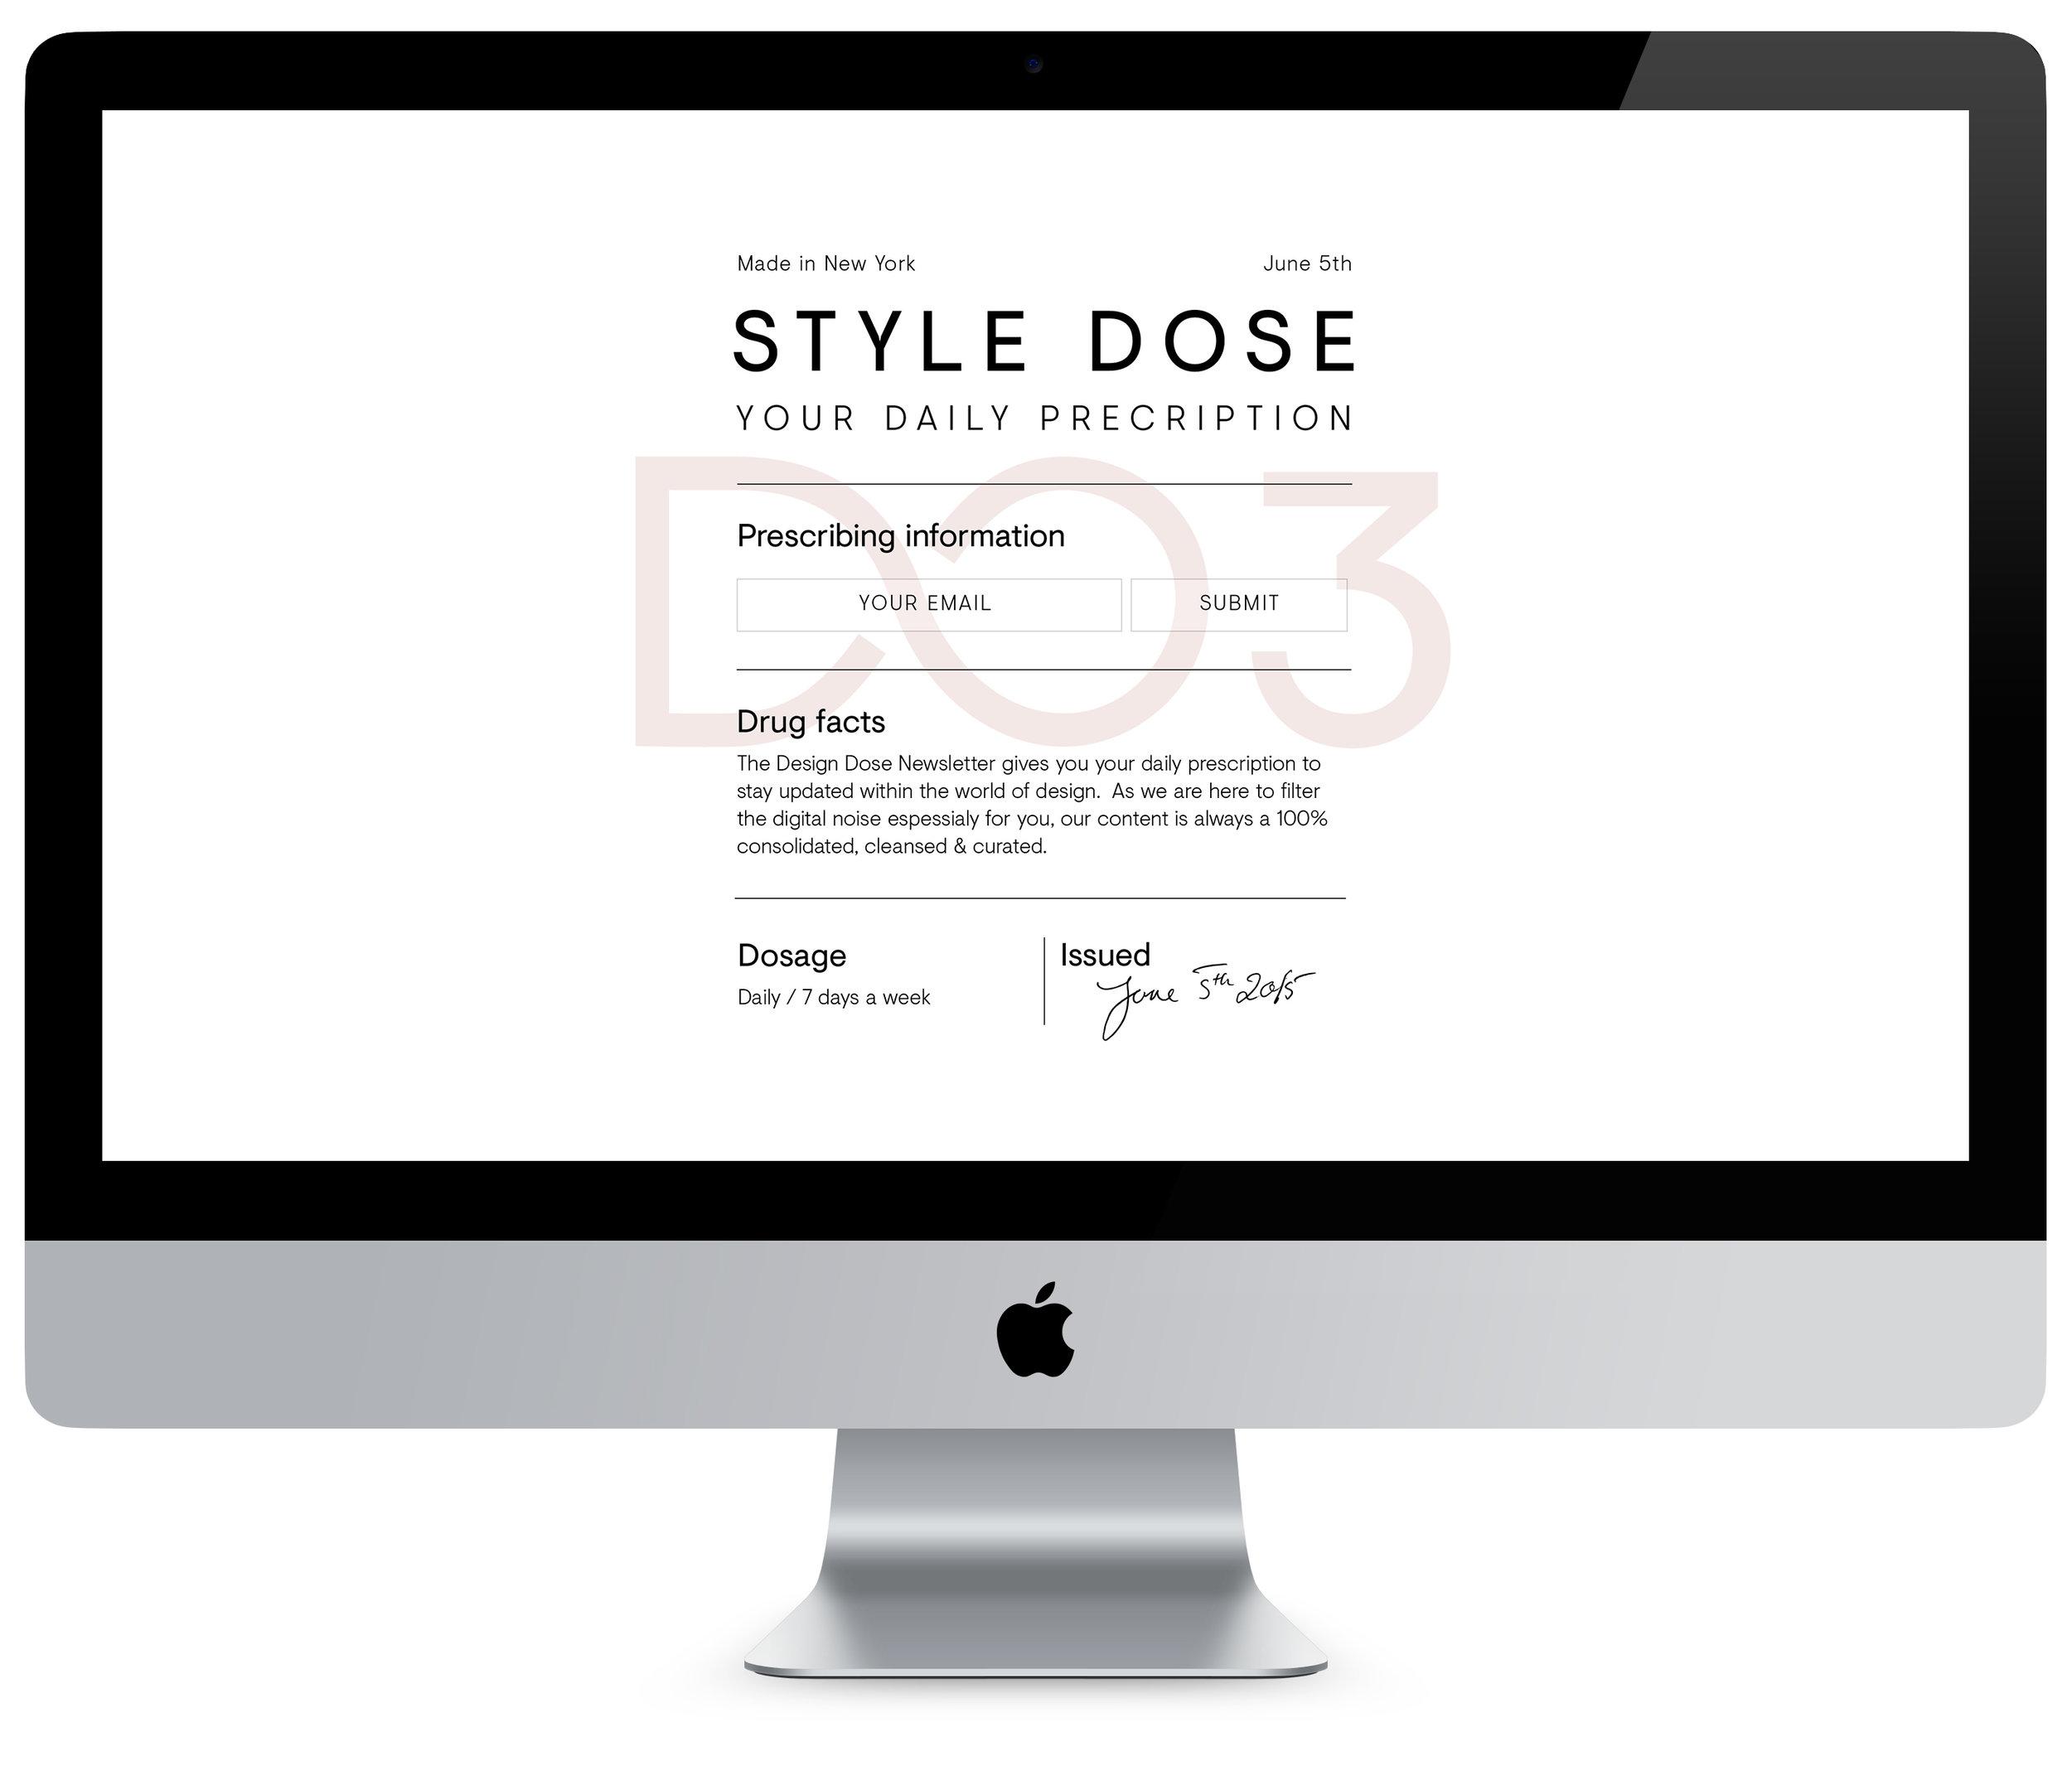 Design-Dose-Mockup-1.jpg